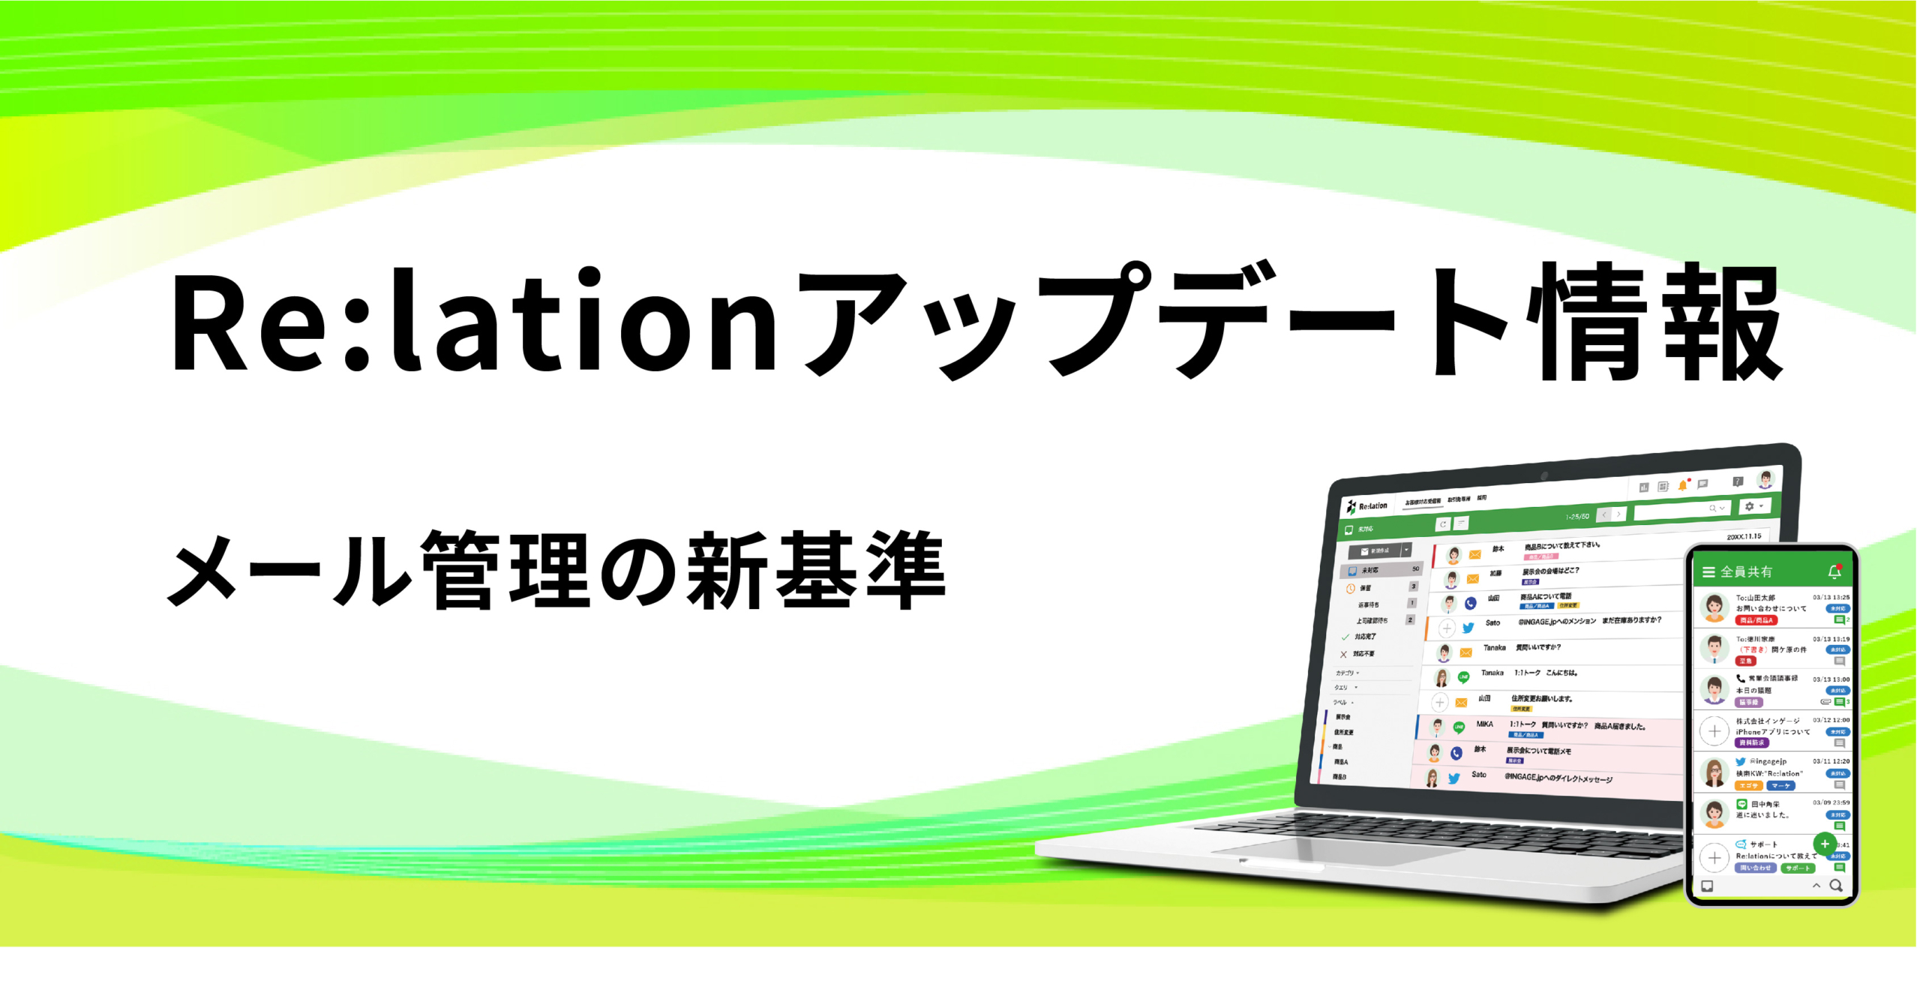 テレワーク時代のメール管理「Re:lation(リレーション)」1.28アップデート